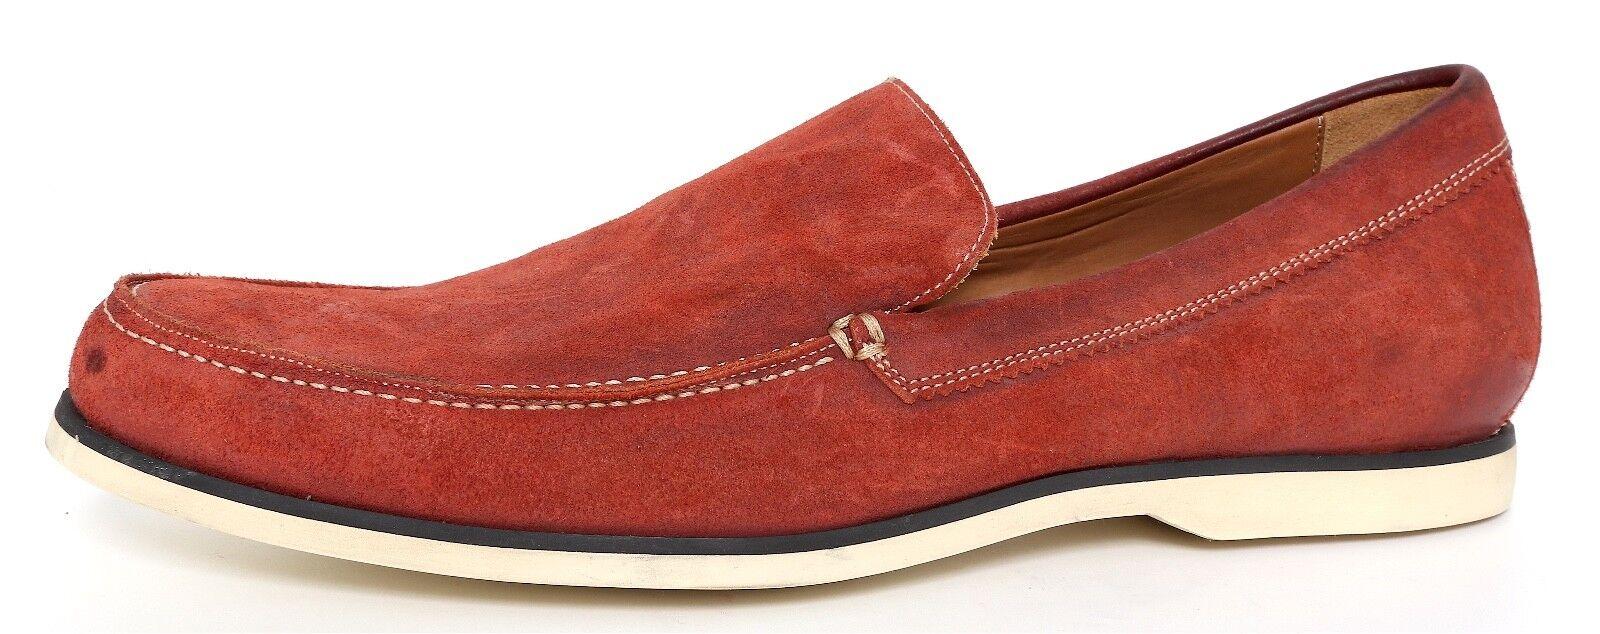 John Varvatos Slip On Suede Loafers Red Men Sz 12 1557